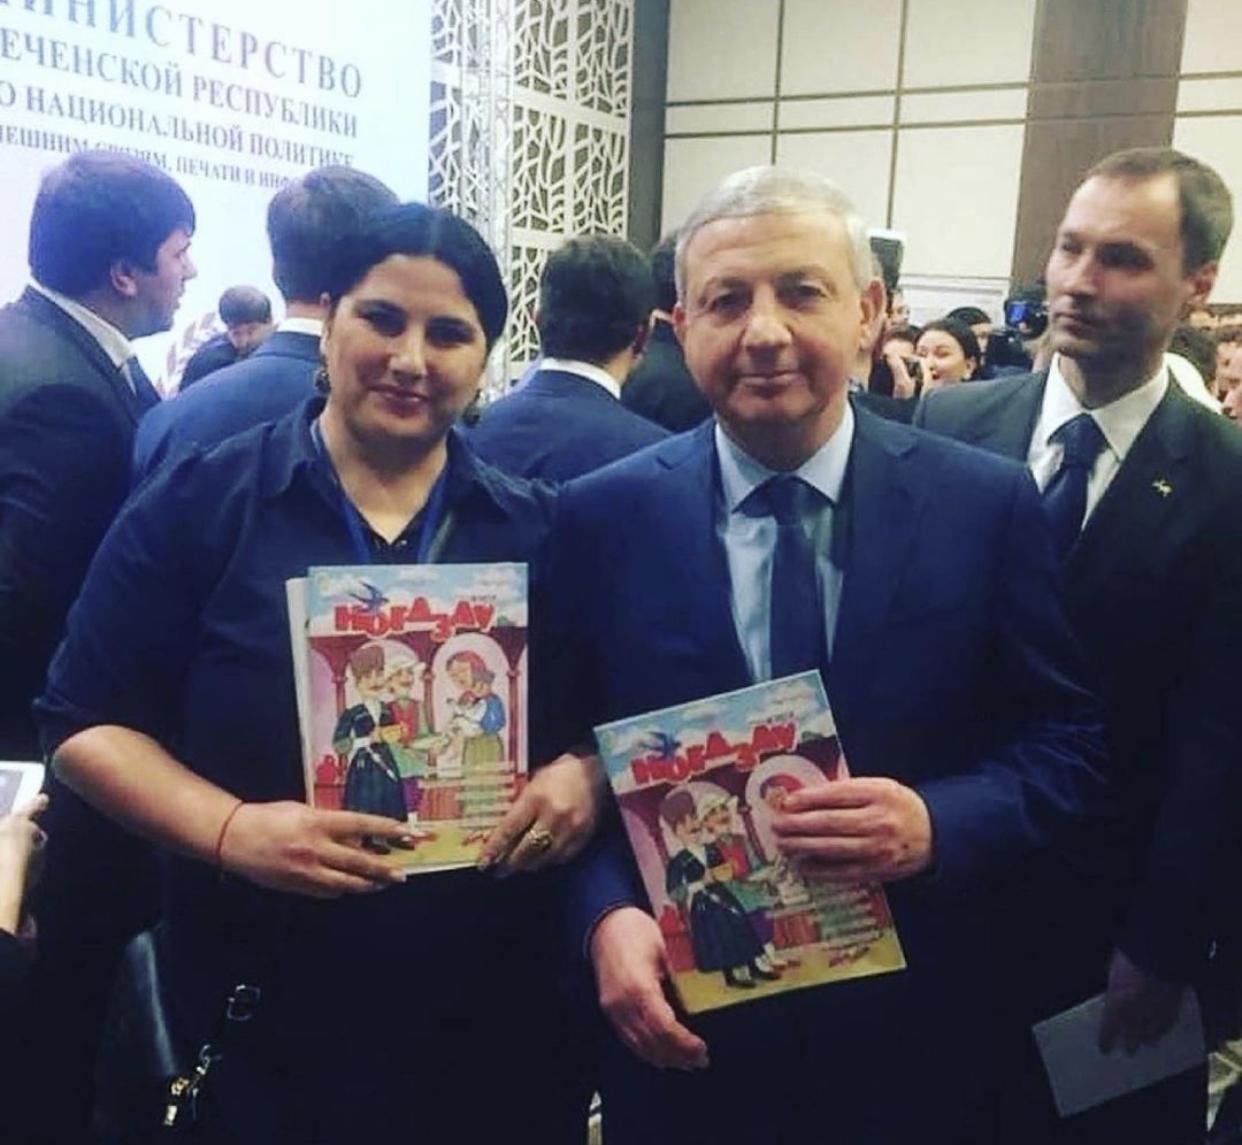 Вячеслав Битаров подарил около 500 подписок на журнал «Ногдзау» детям из малоимущих и многодетных семей